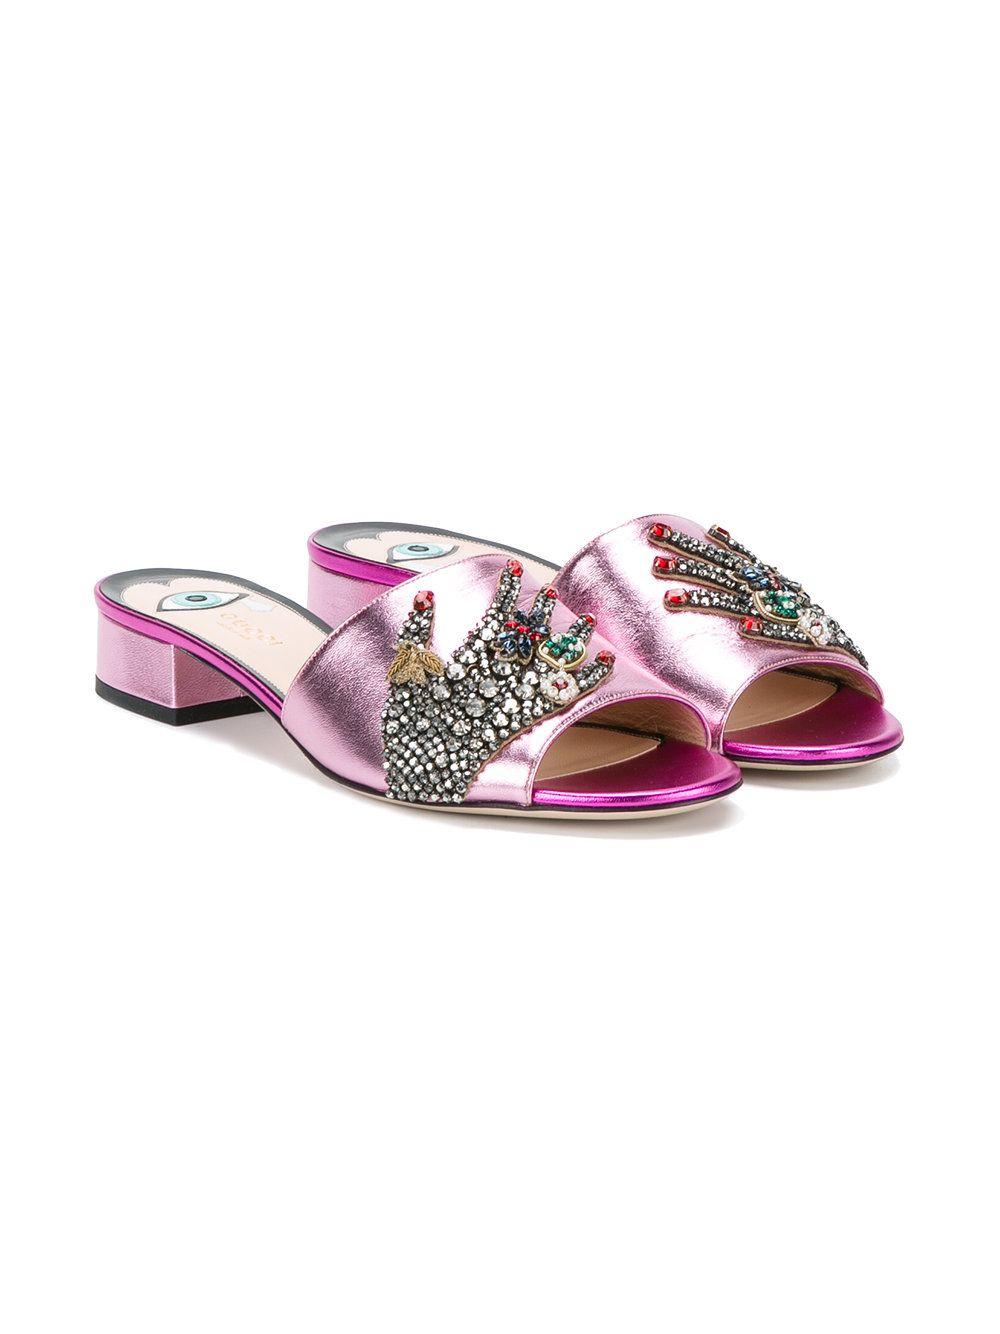 659c7de47865 Gucci crystal hand applique sandals